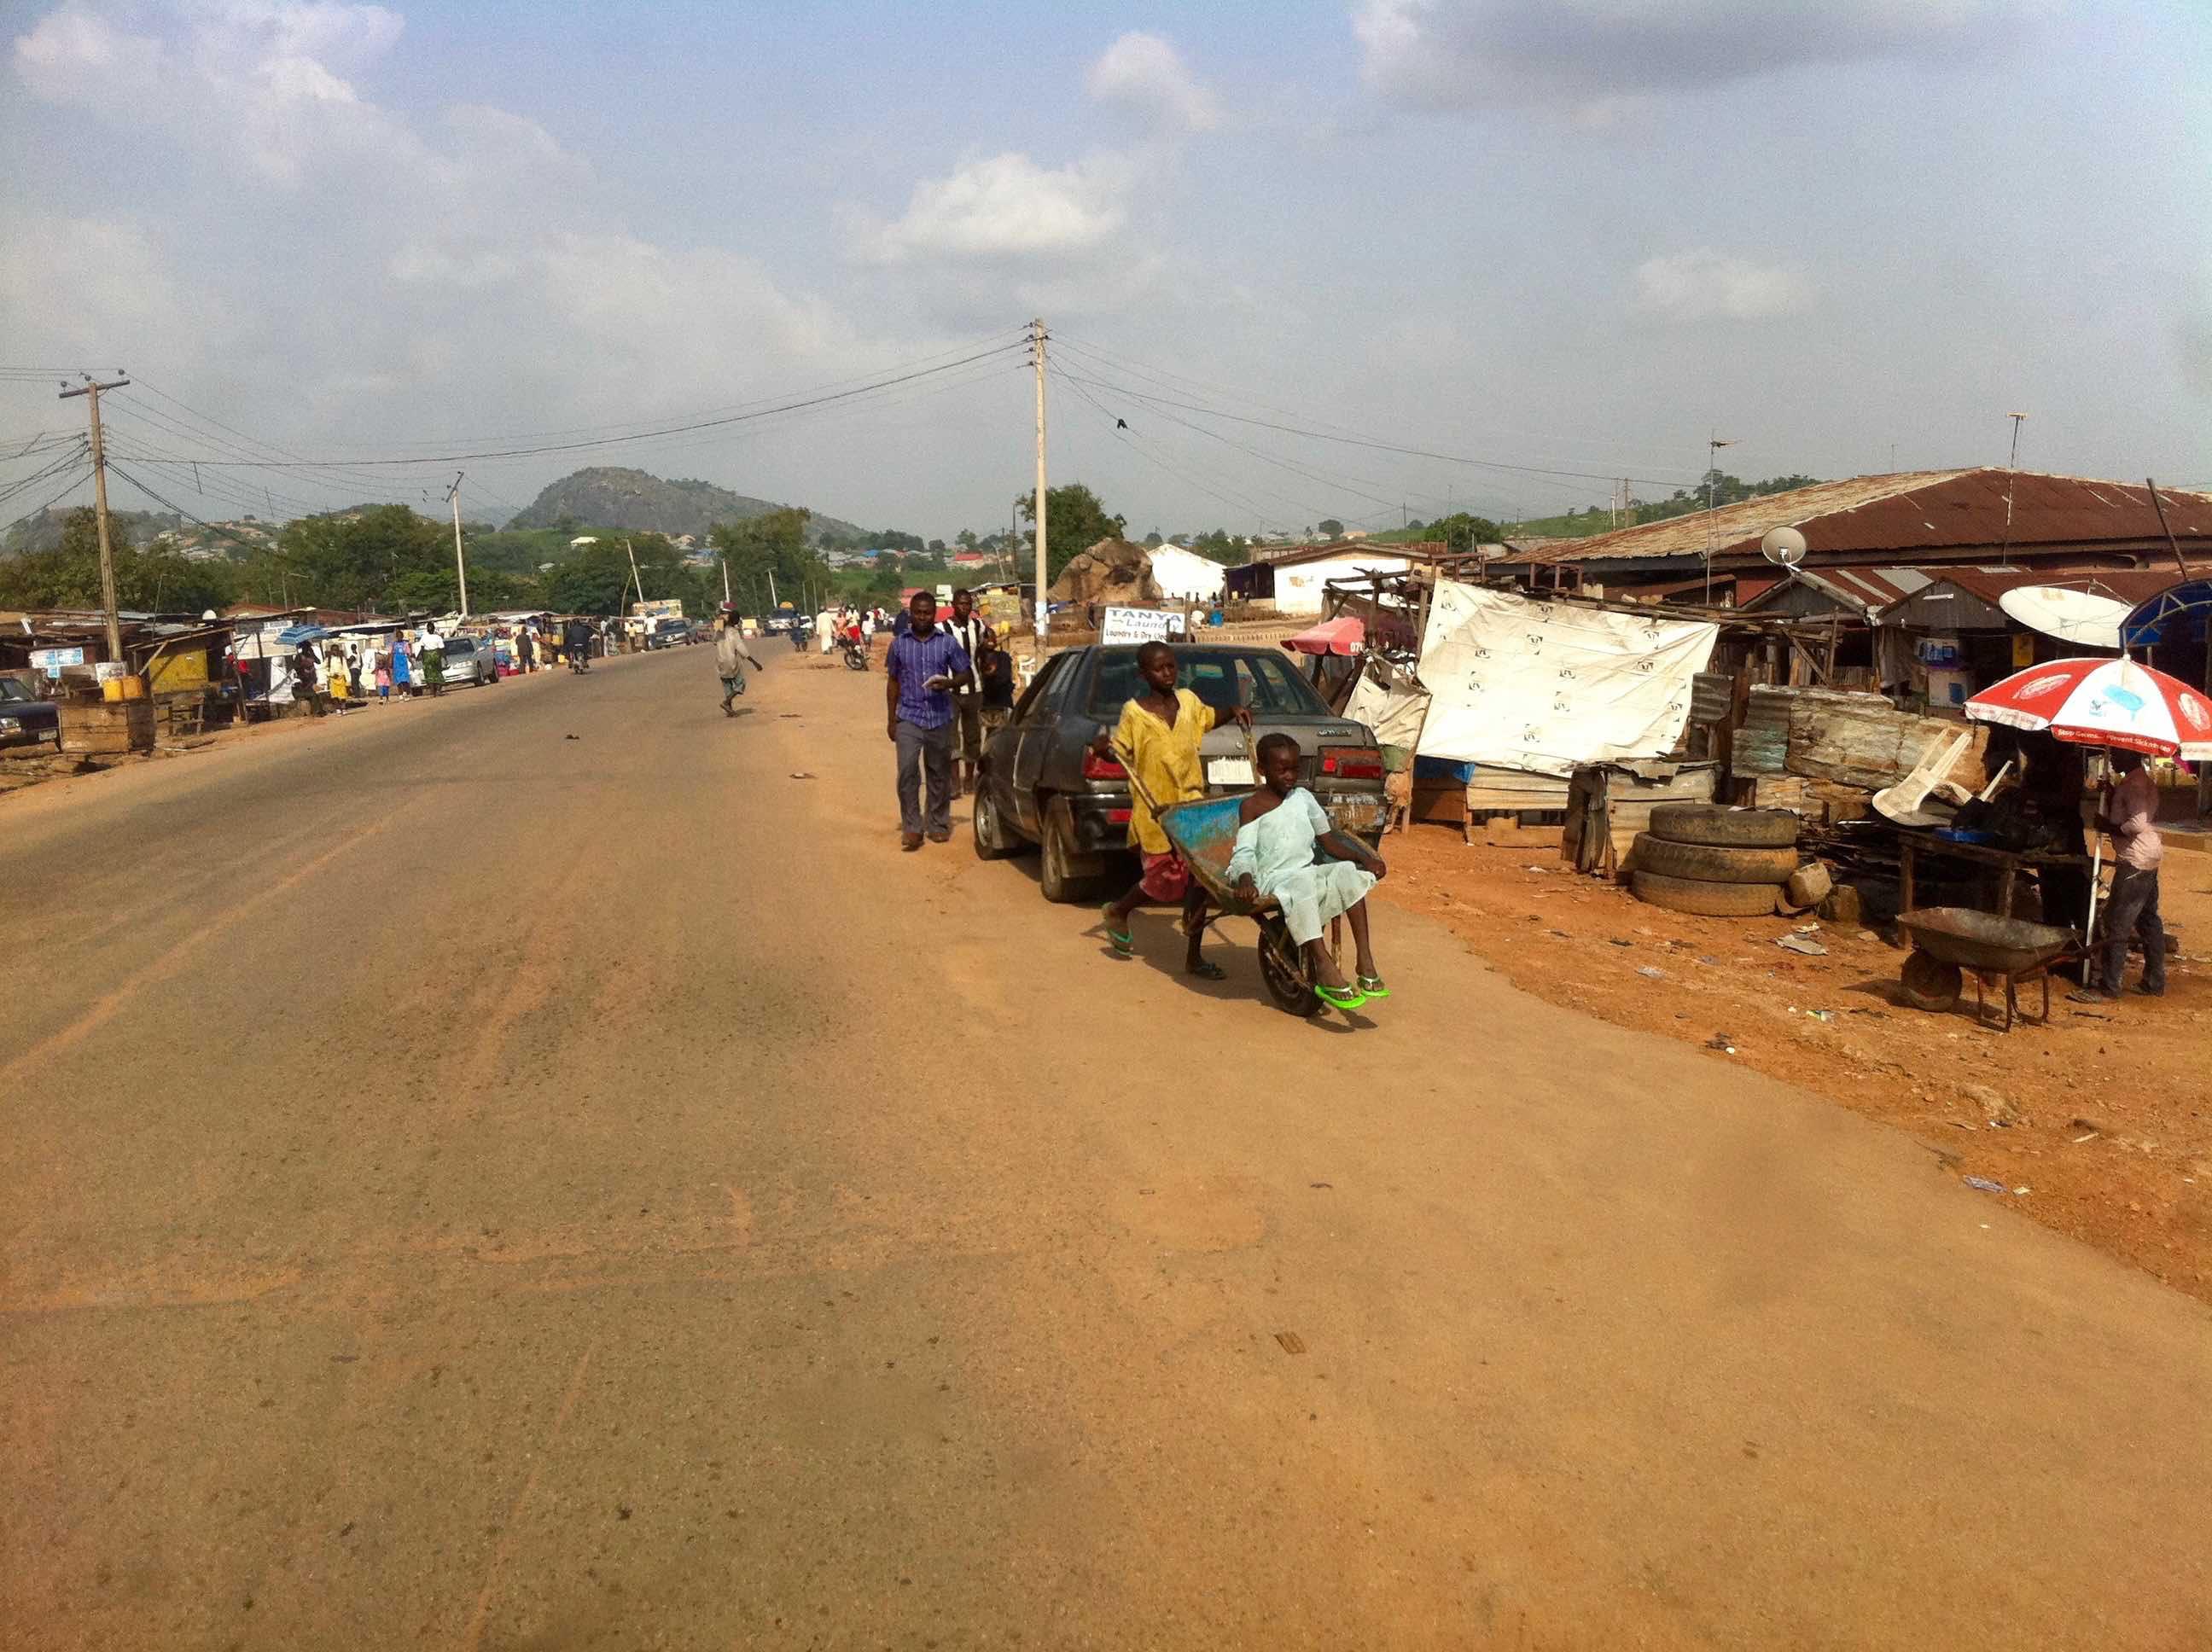 Street scene in Suleja, Niger, Nigeria. #JujuFilms